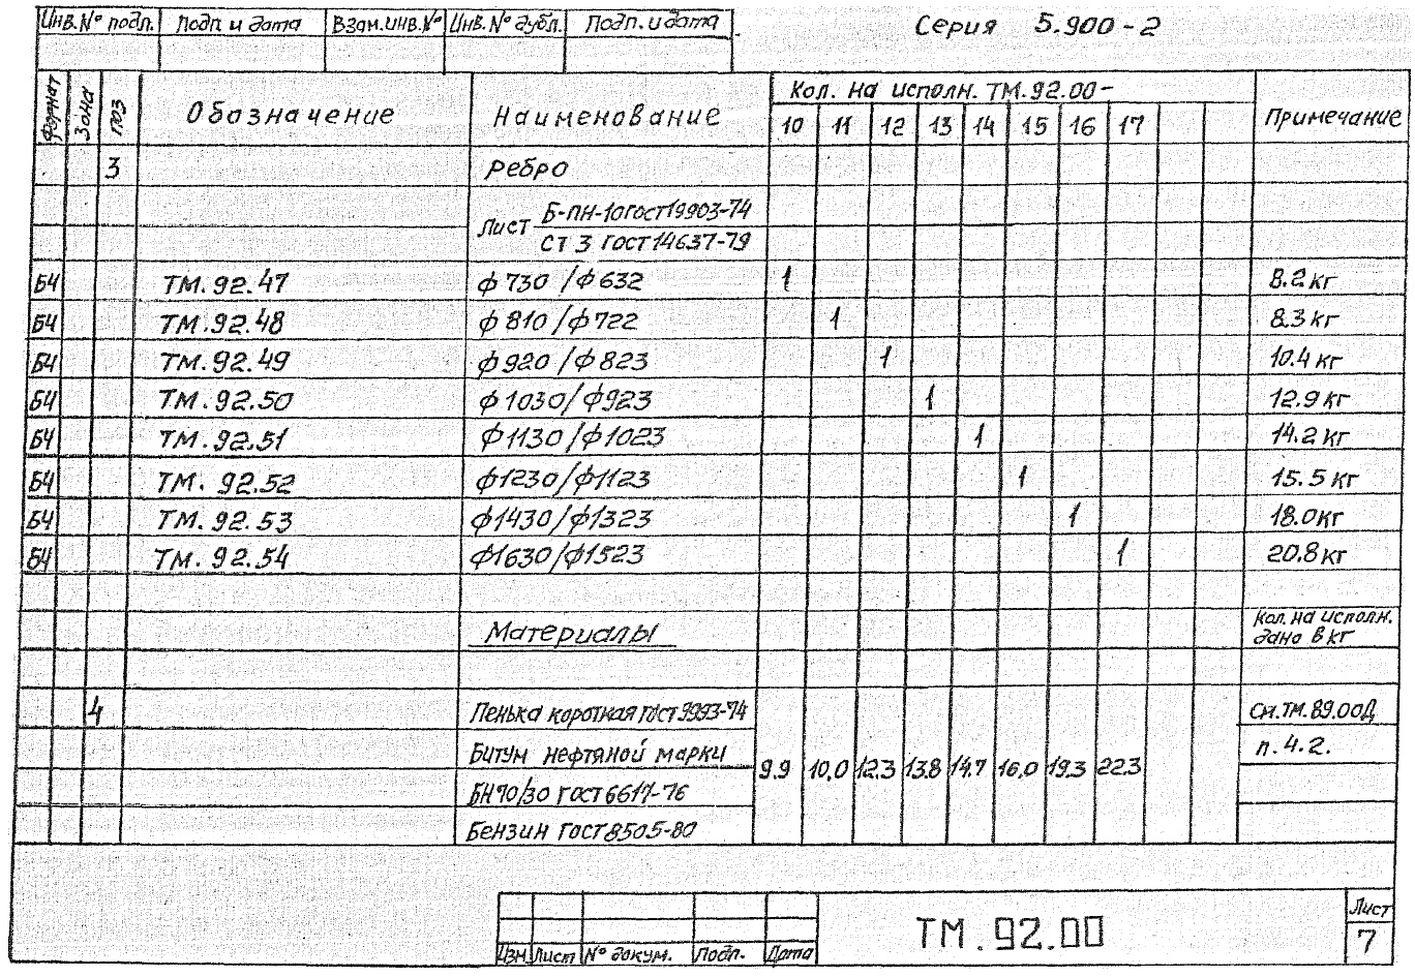 Сальники набивные ТМ.92.00 серия 5.900-2 стр.8